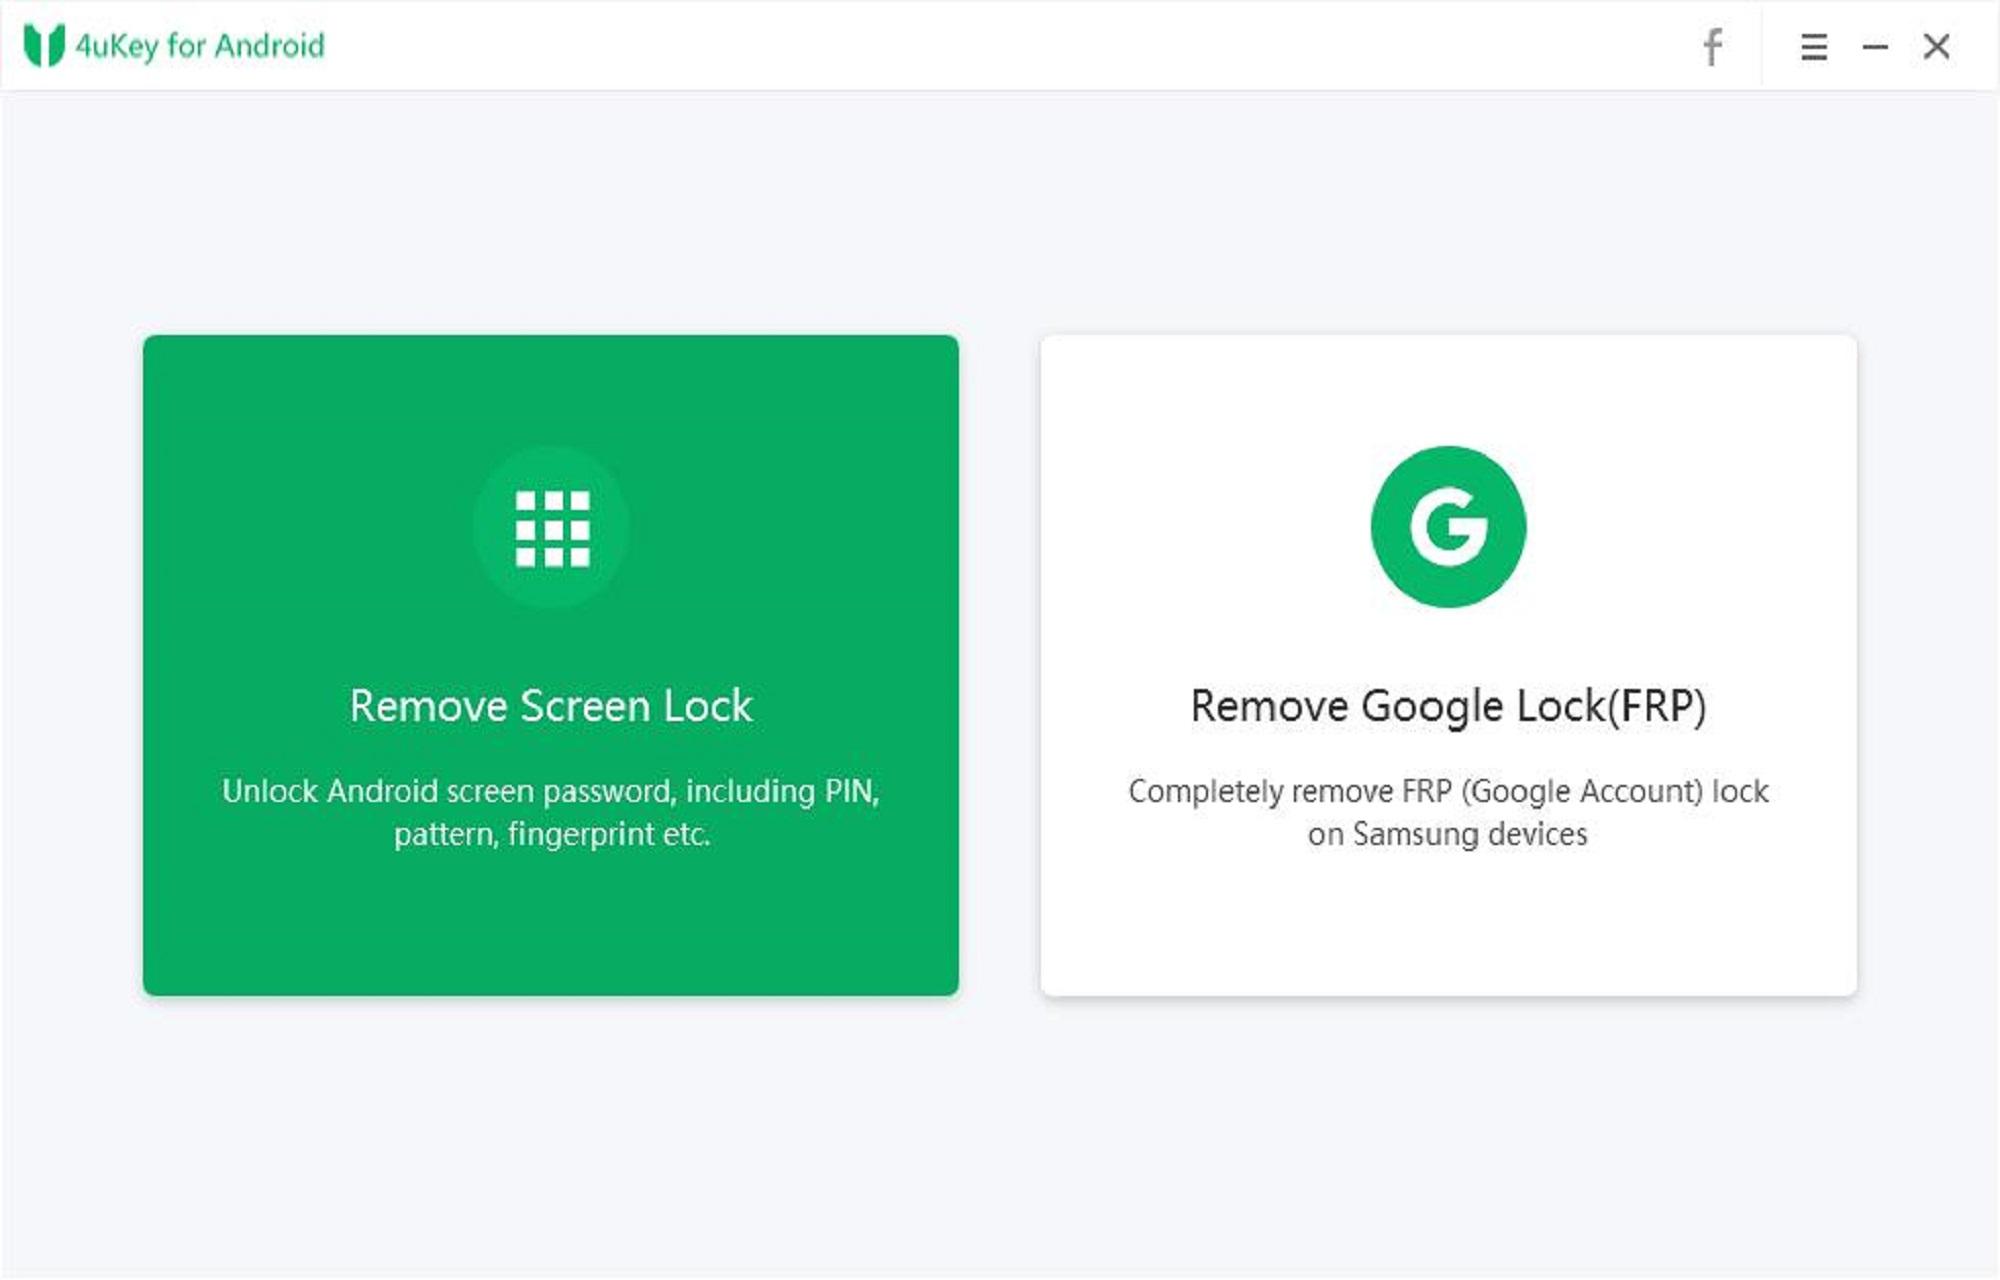 Android için Ekran Kilidini Kaldır 4uKey Özelliğini Seçin